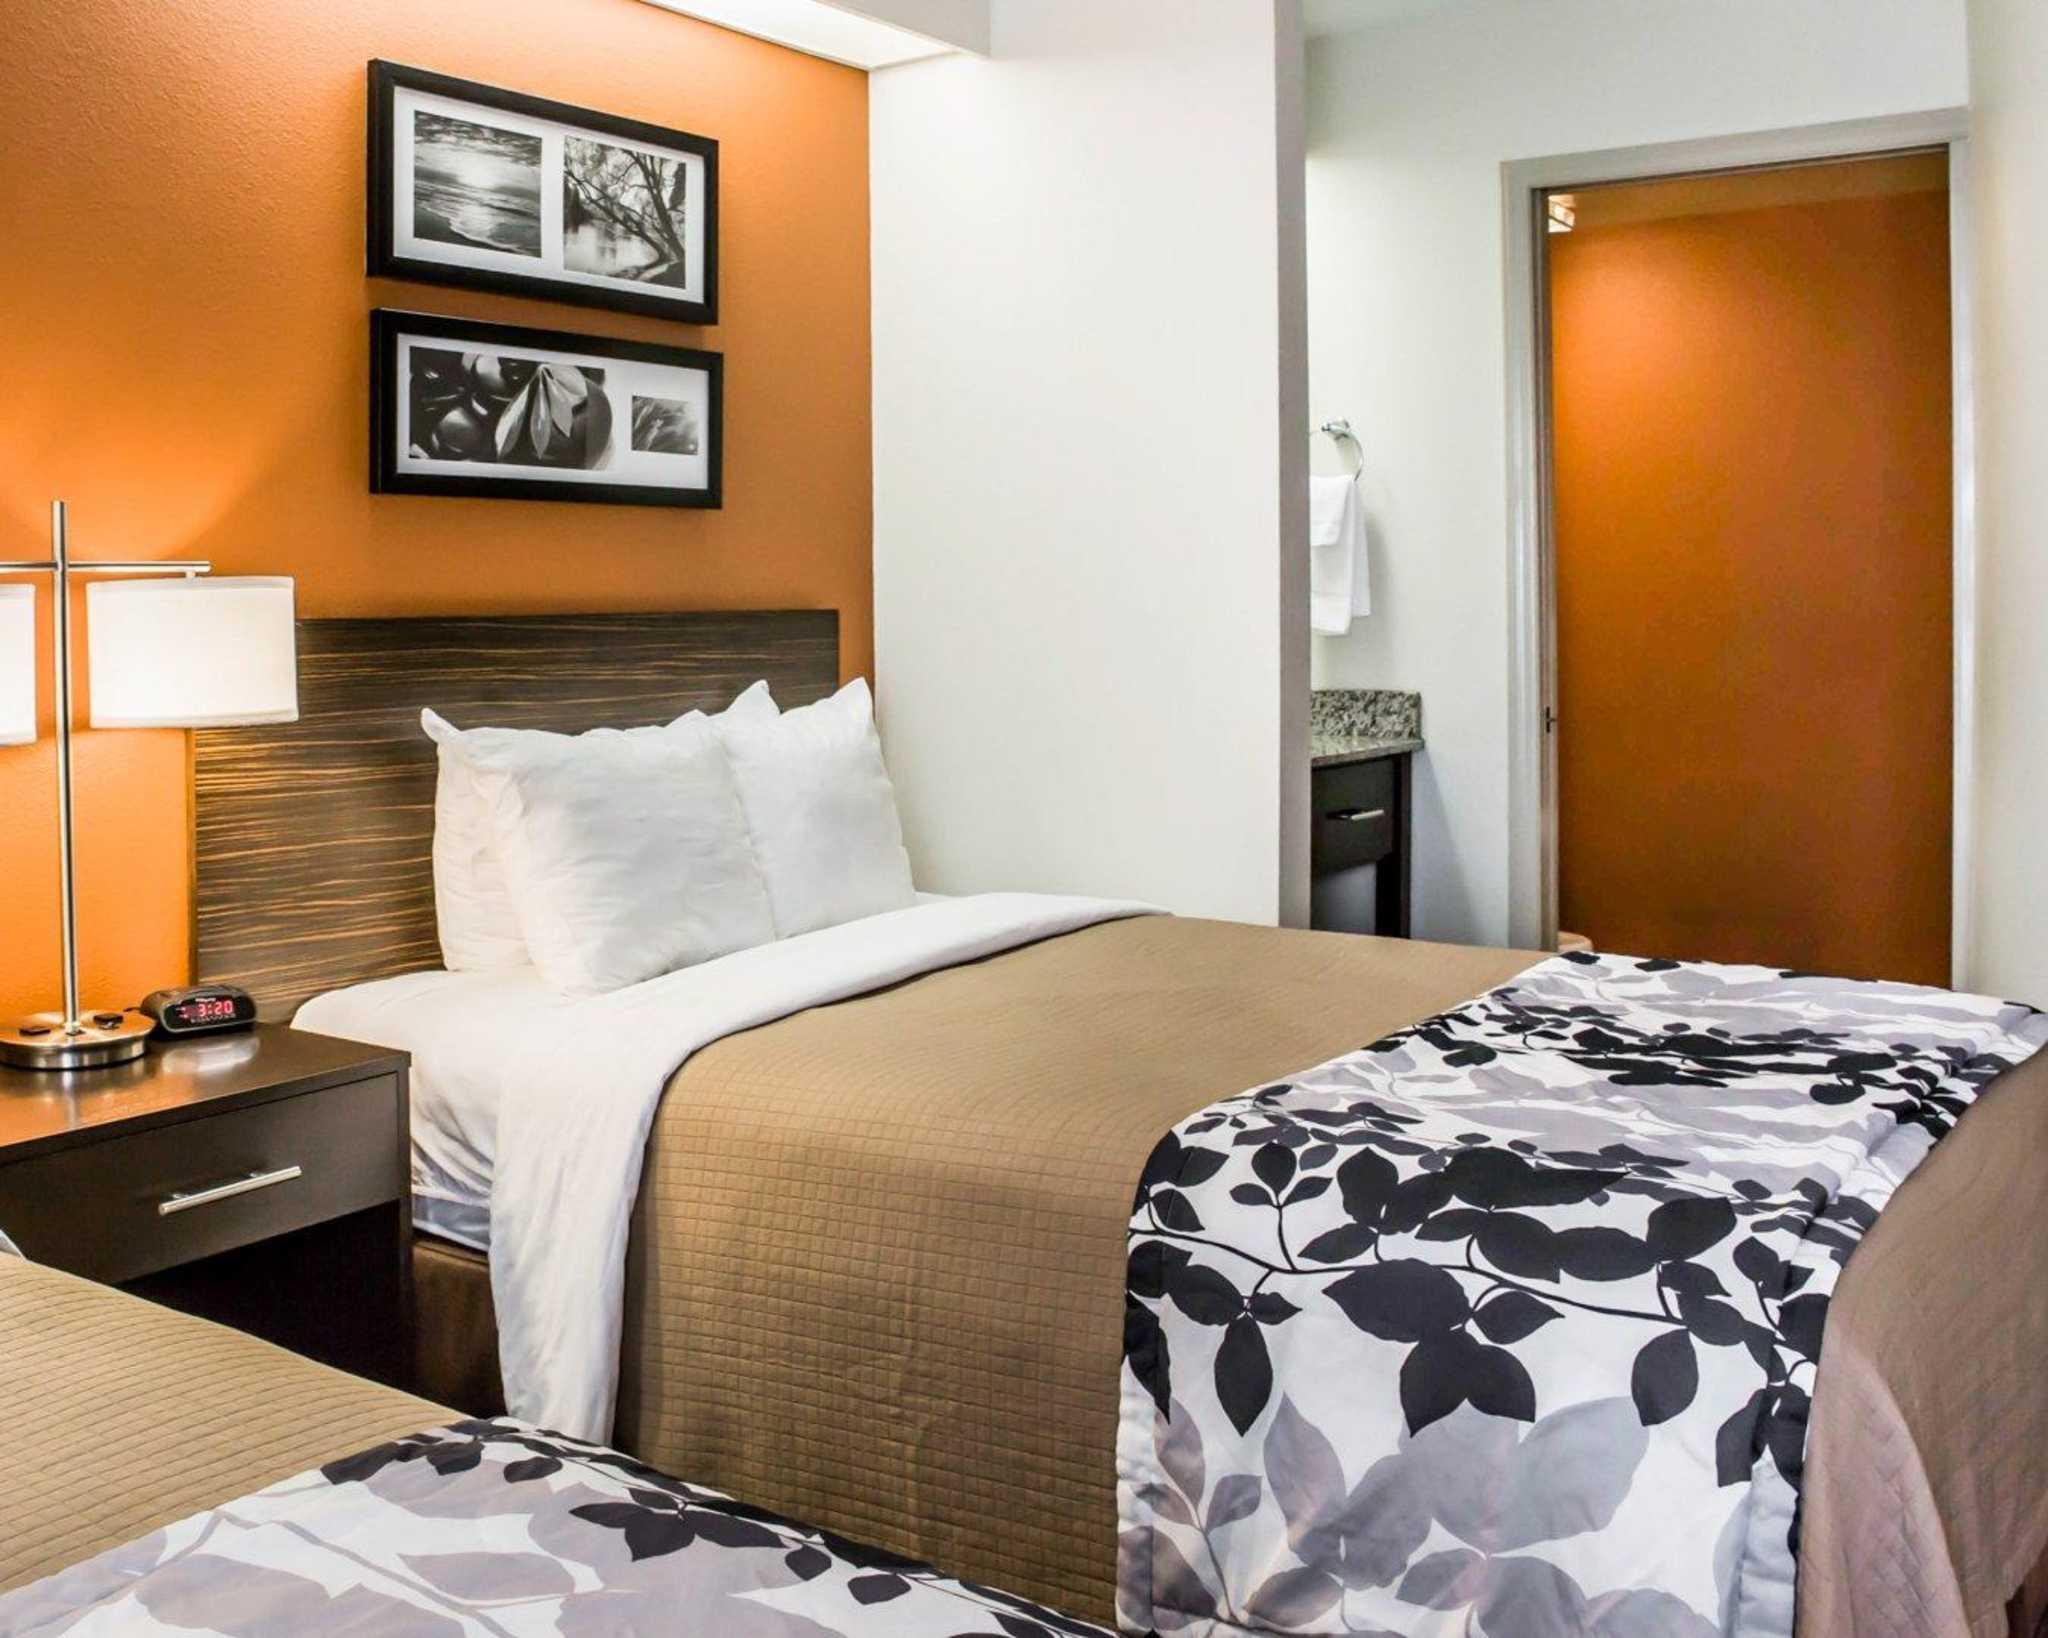 Sleep Inn image 7